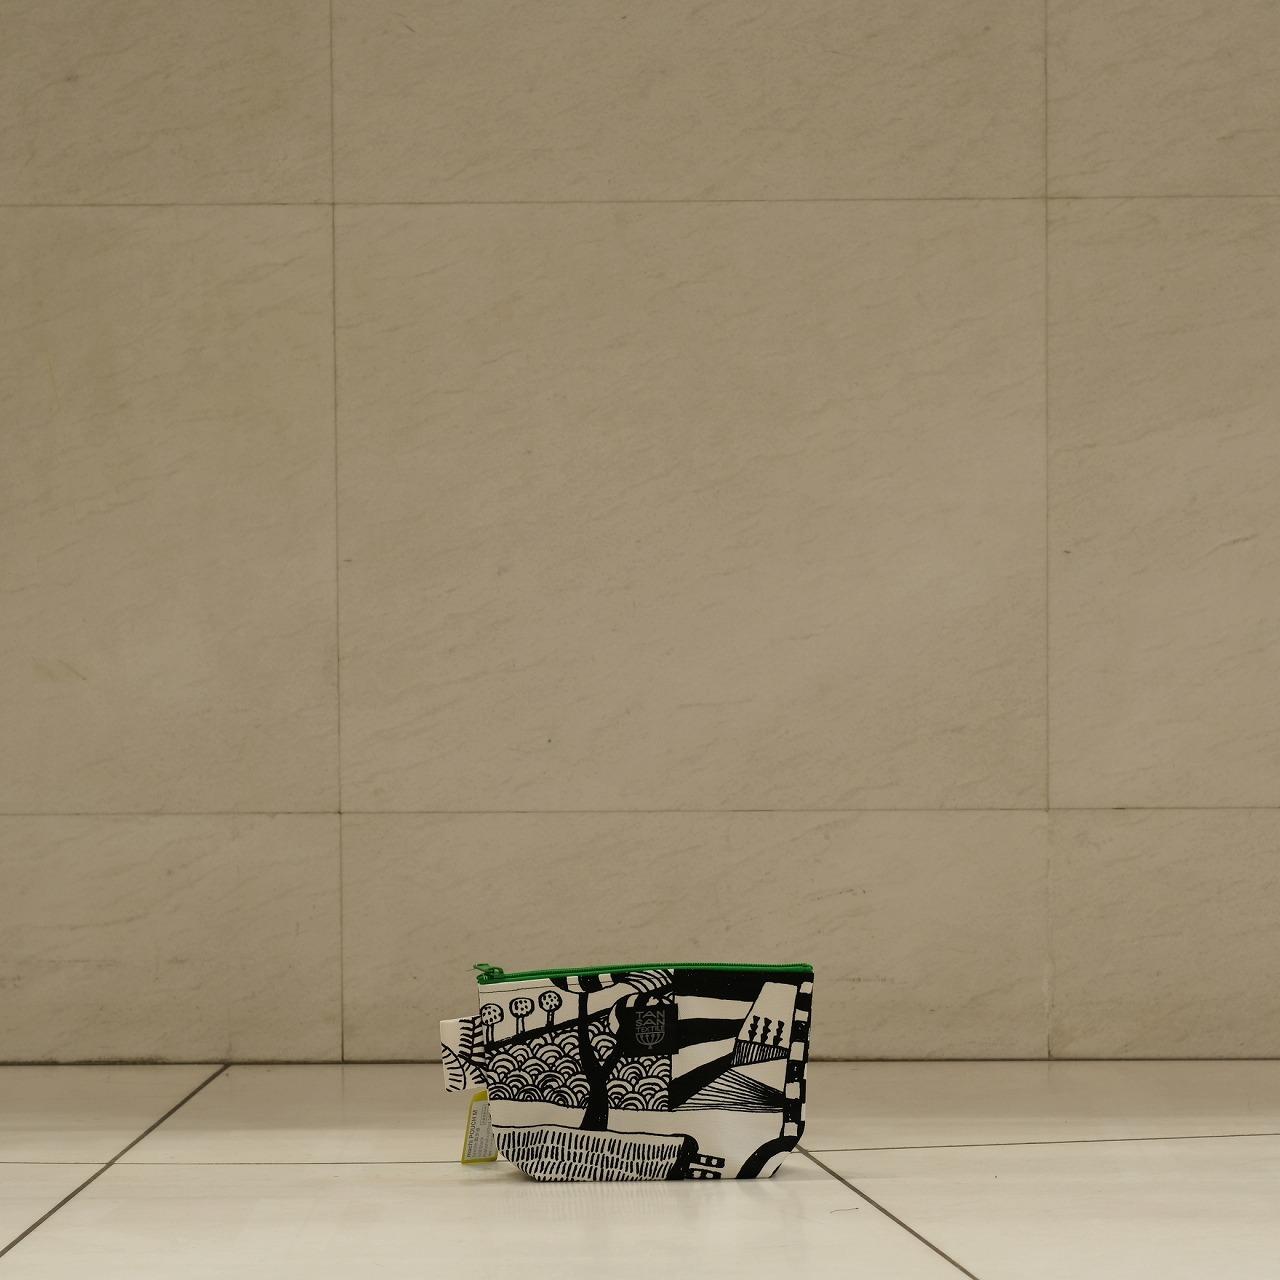 炭酸デザイン室 オンライン展示会 マチポーチM_d0182409_16501811.jpg